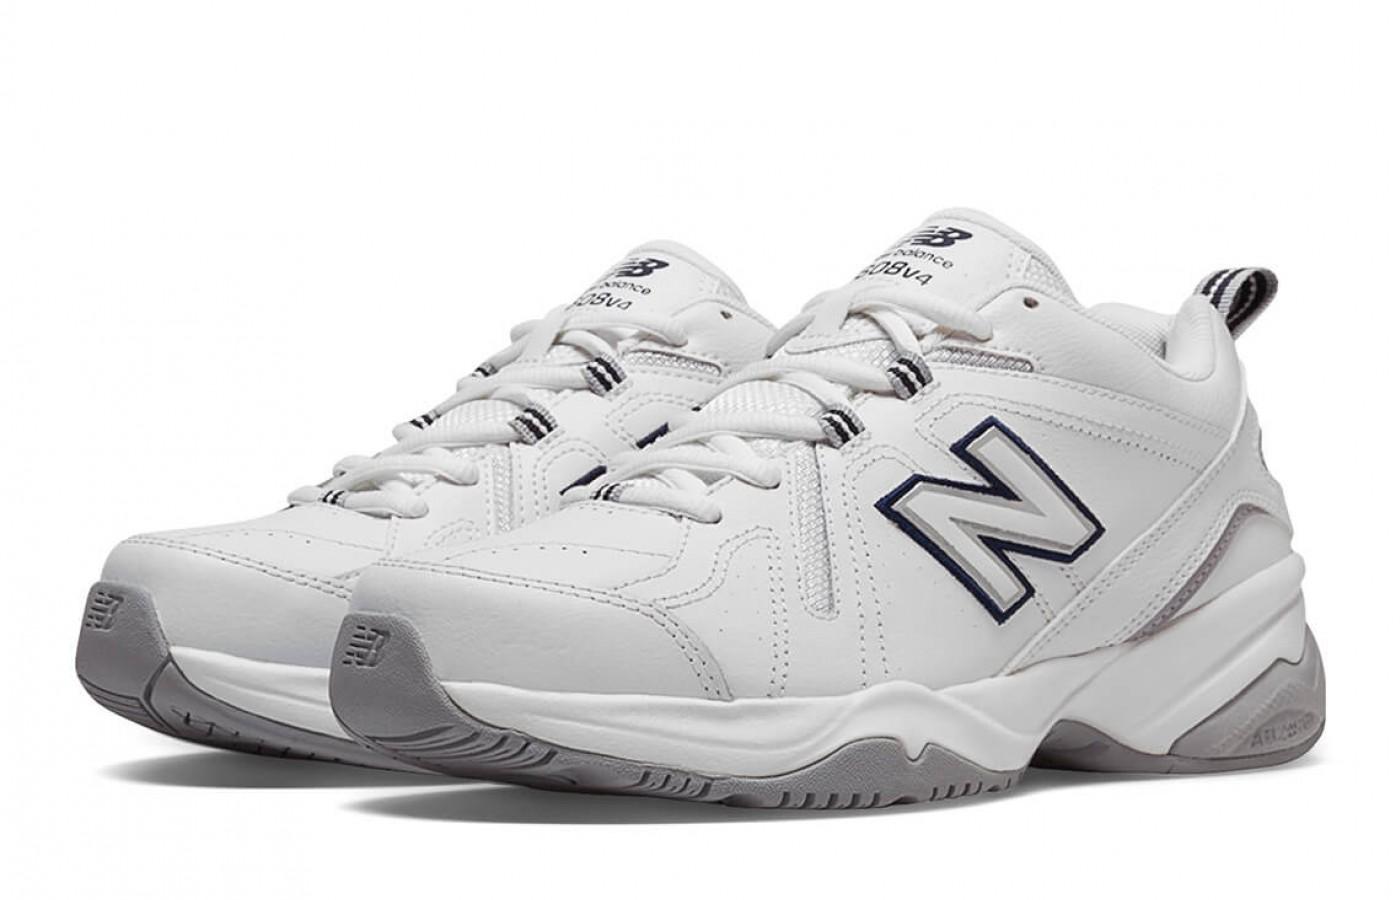 NB 608v4